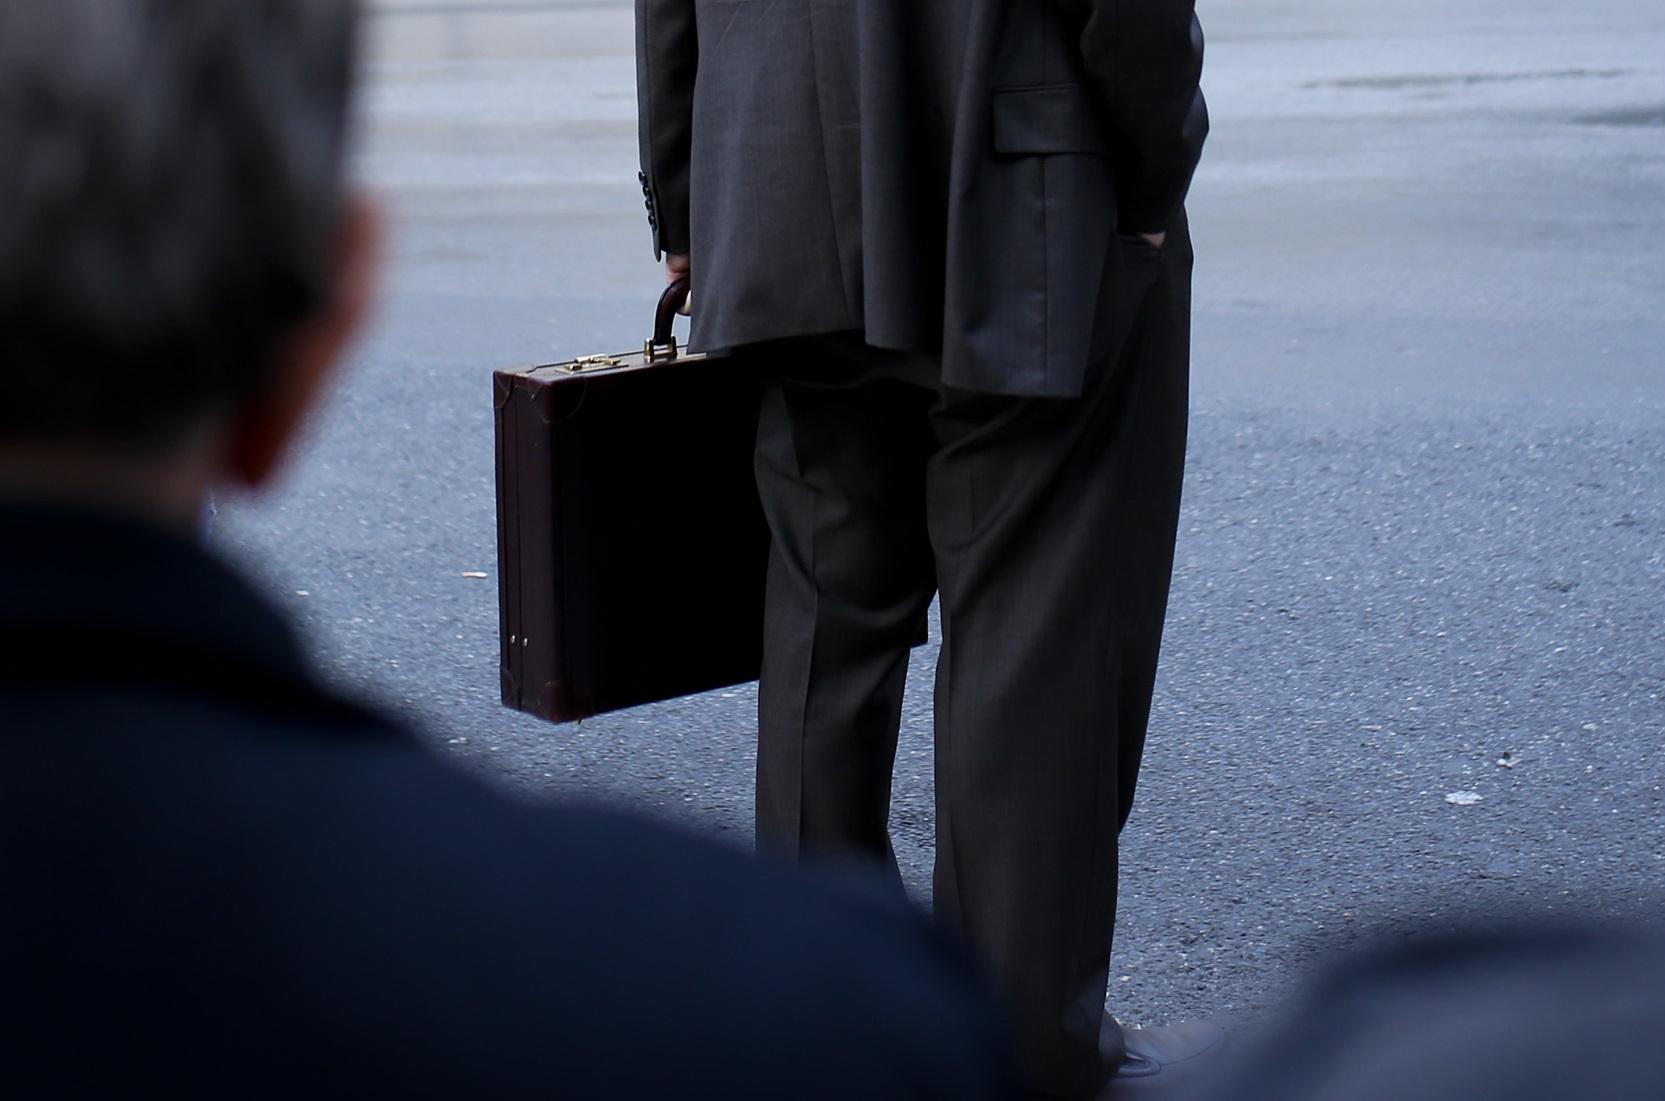 Φθιώτιδα: Ο απατεώνας συστήθηκε σαν γιος γνωστού επαγγελματία